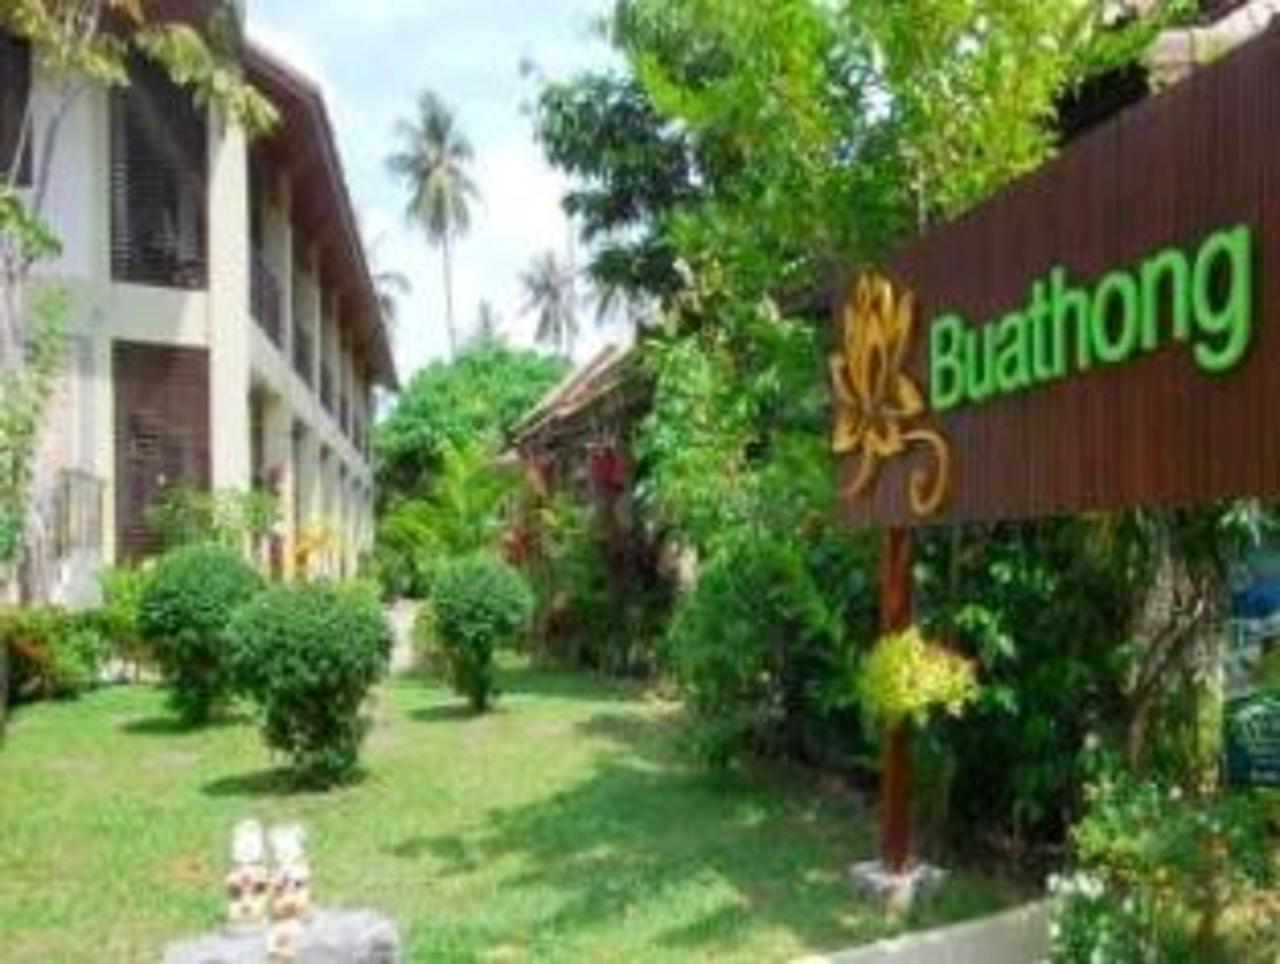 บัวทองเพลส (Buathong Place)